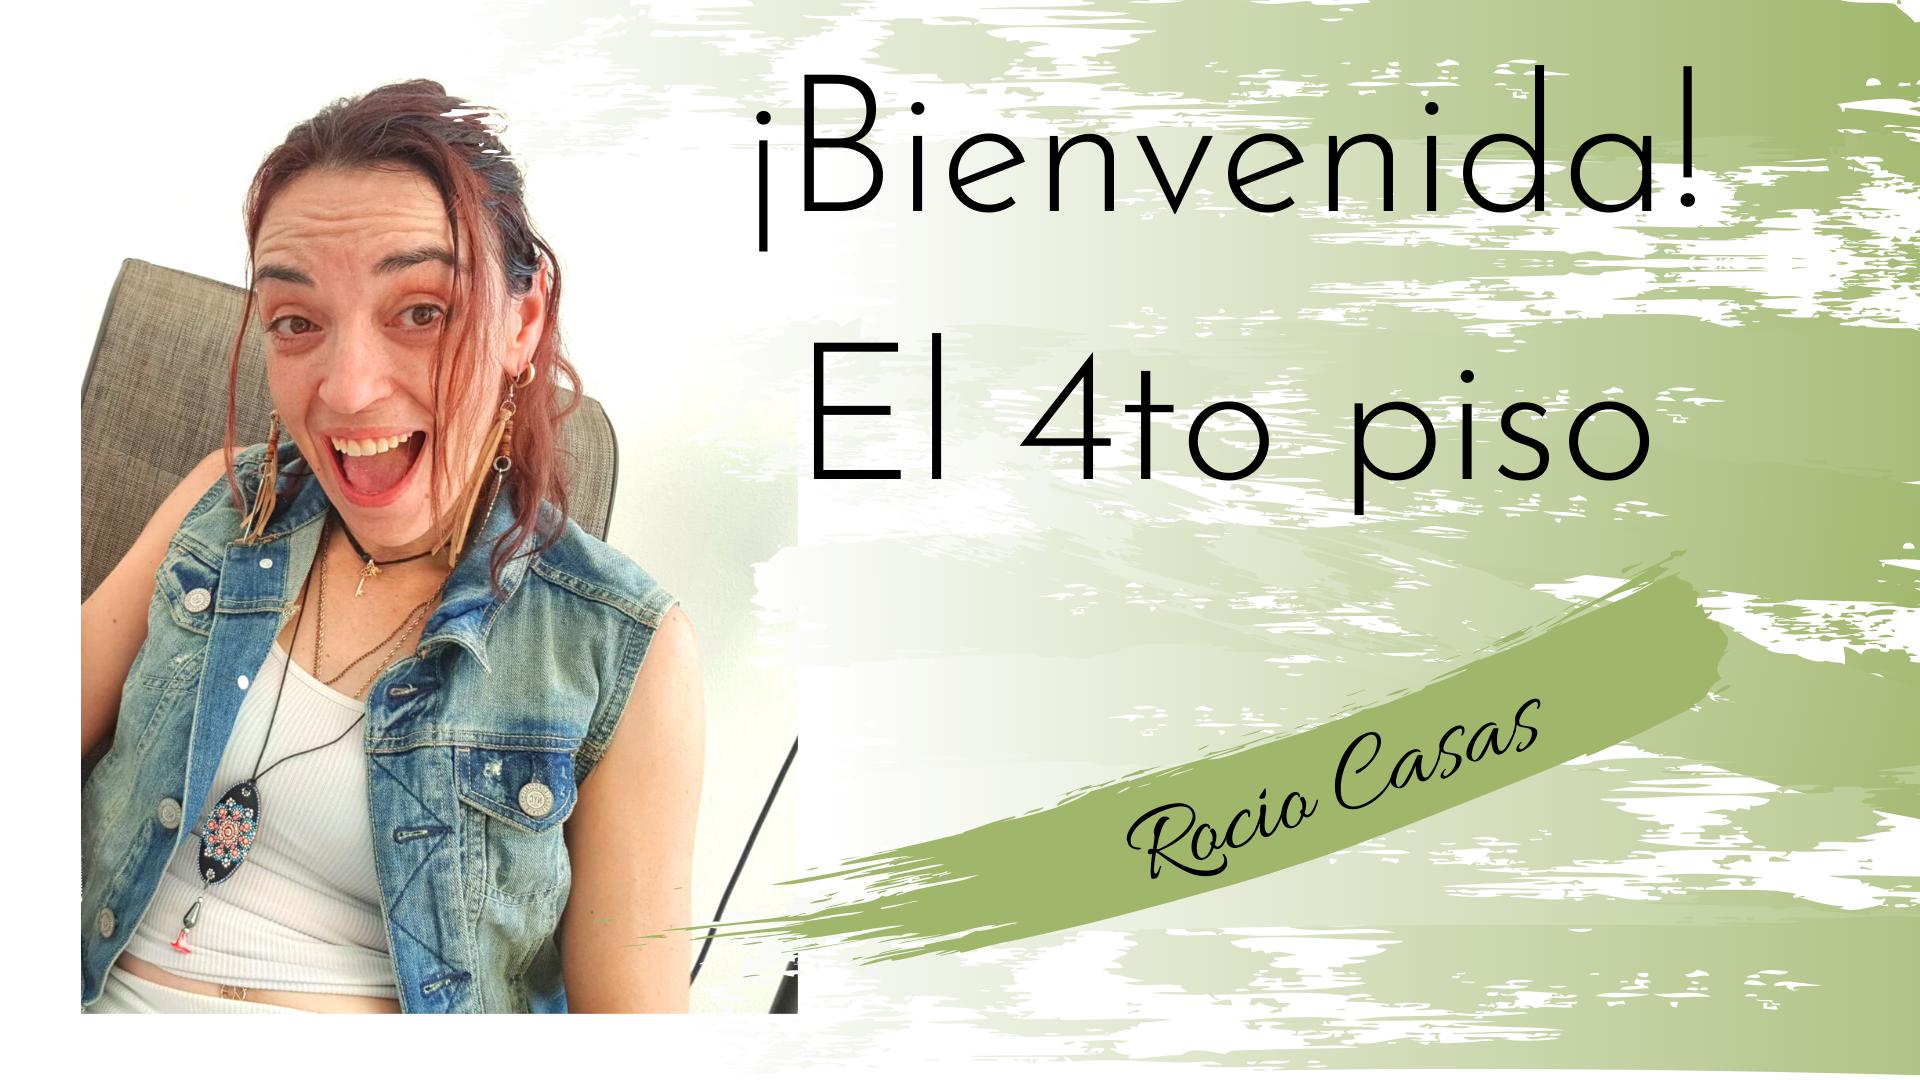 Bienvenida al 4to Piso Rocio Casas